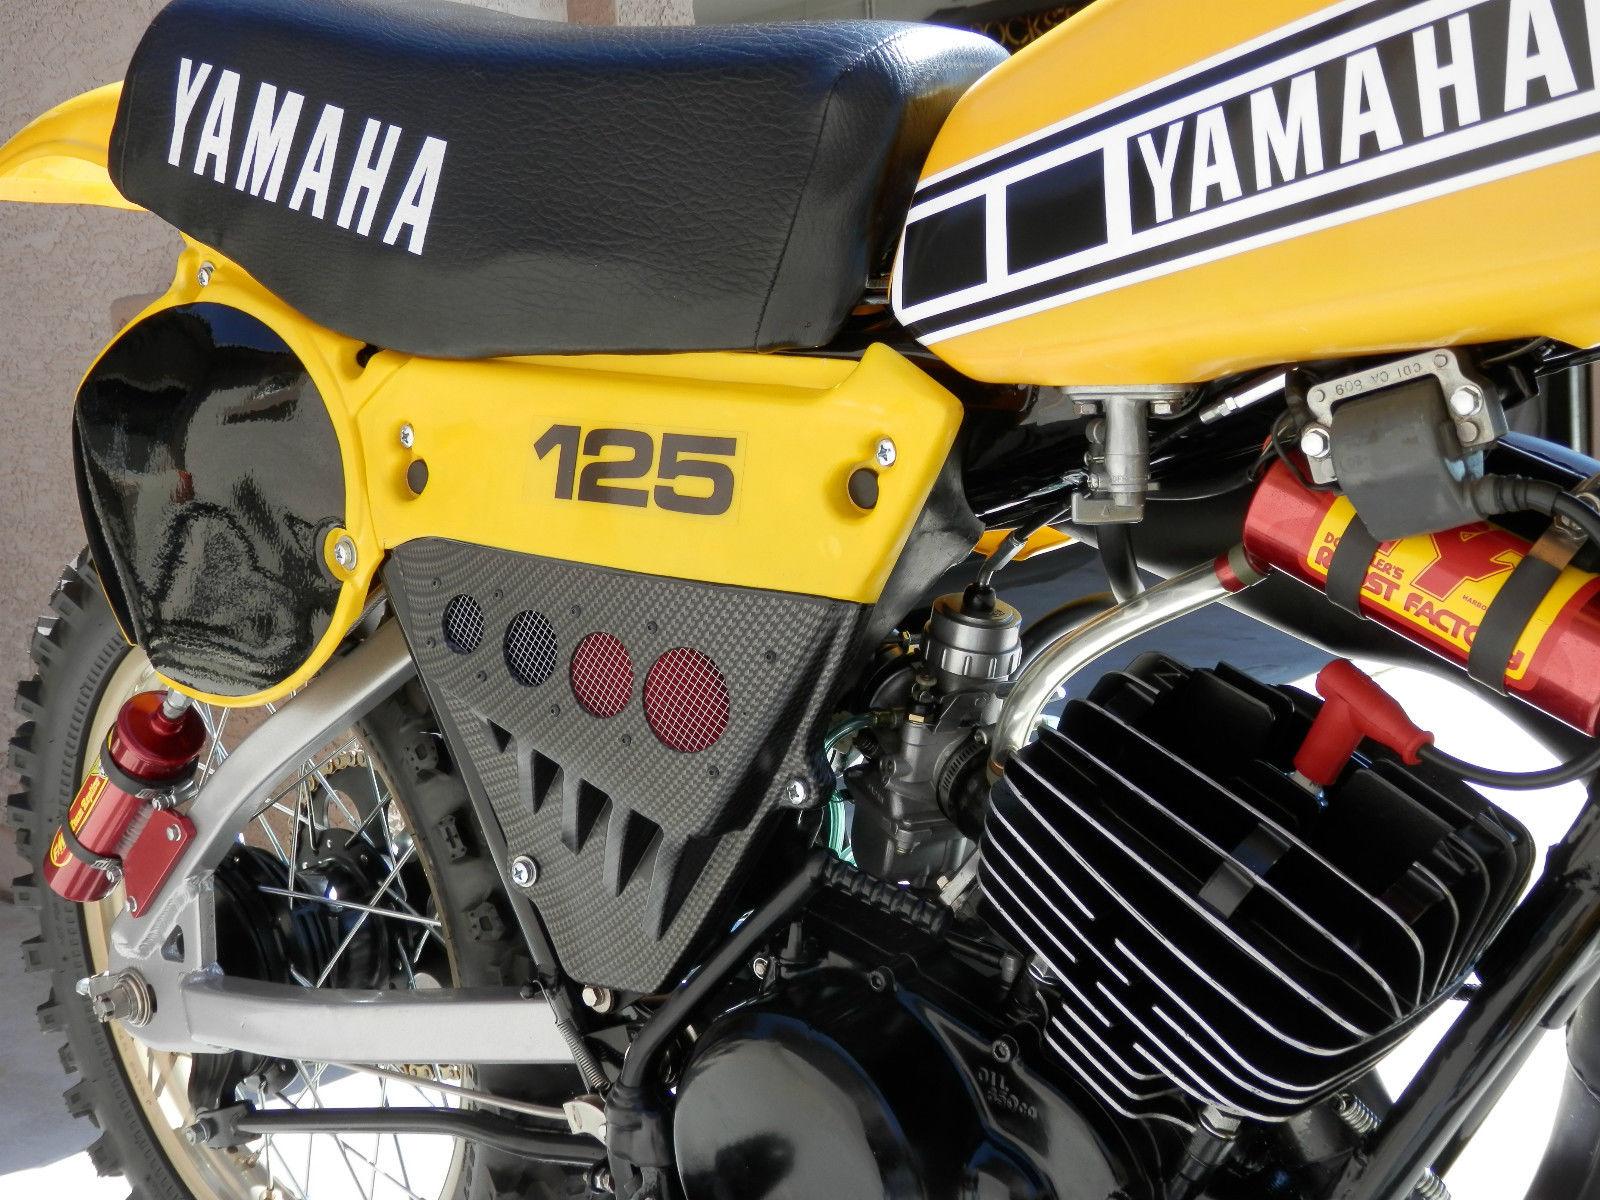 Yamaha YZ125 -1979